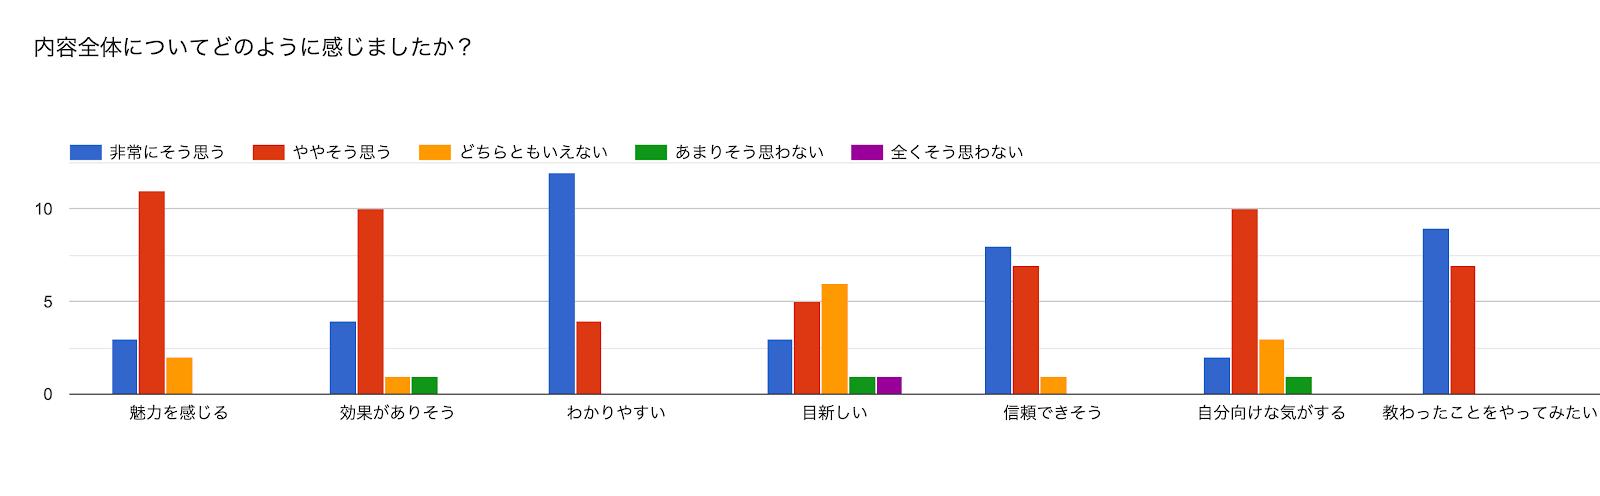 フォームの回答のグラフ。質問のタイトル: 内容全体についてどのように感じましたか?。回答数: 。